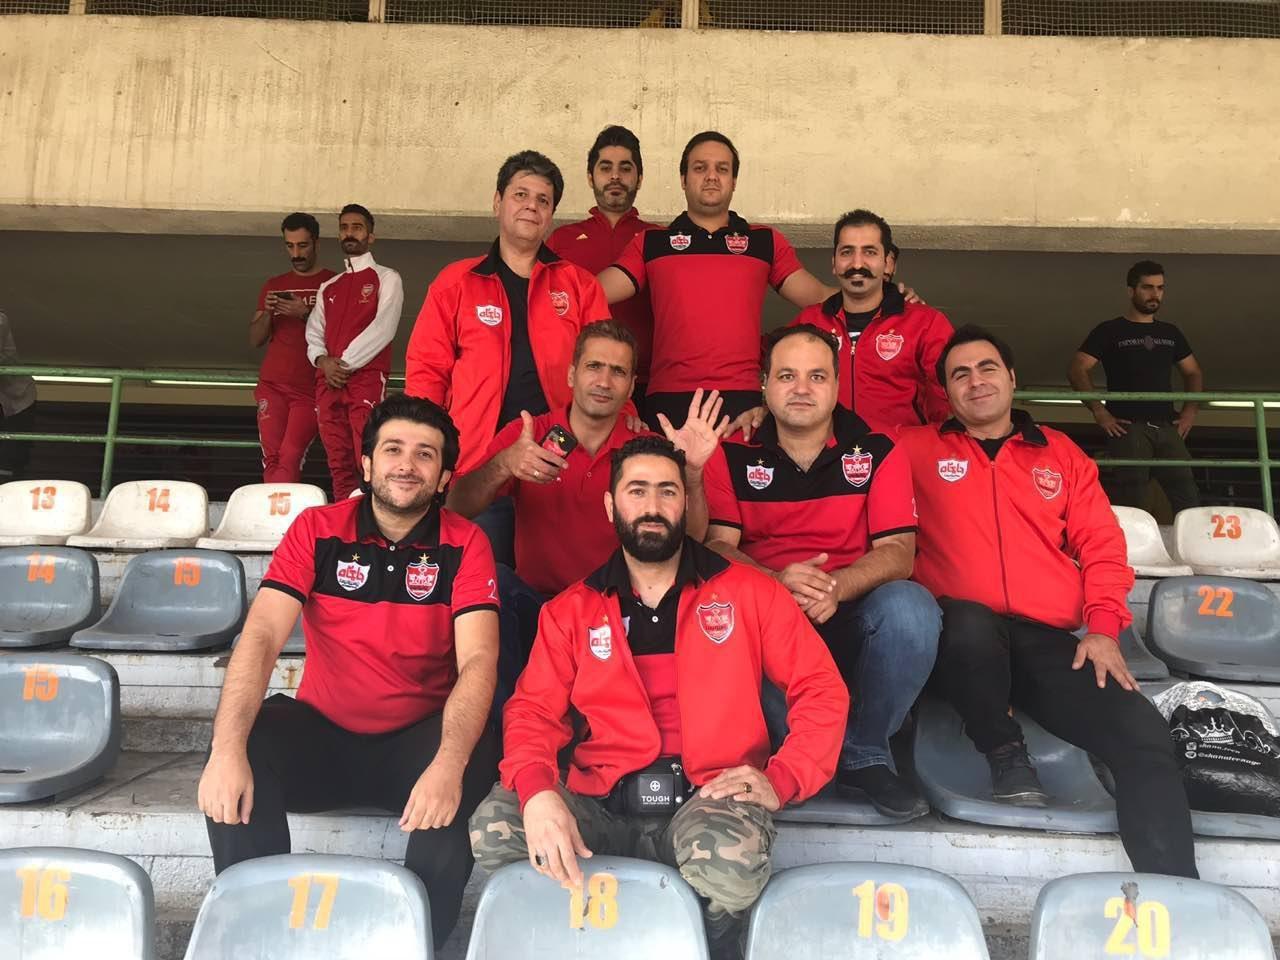 اولین تصویر از هواداران پرسپولیس در ورزشگاه آزادی